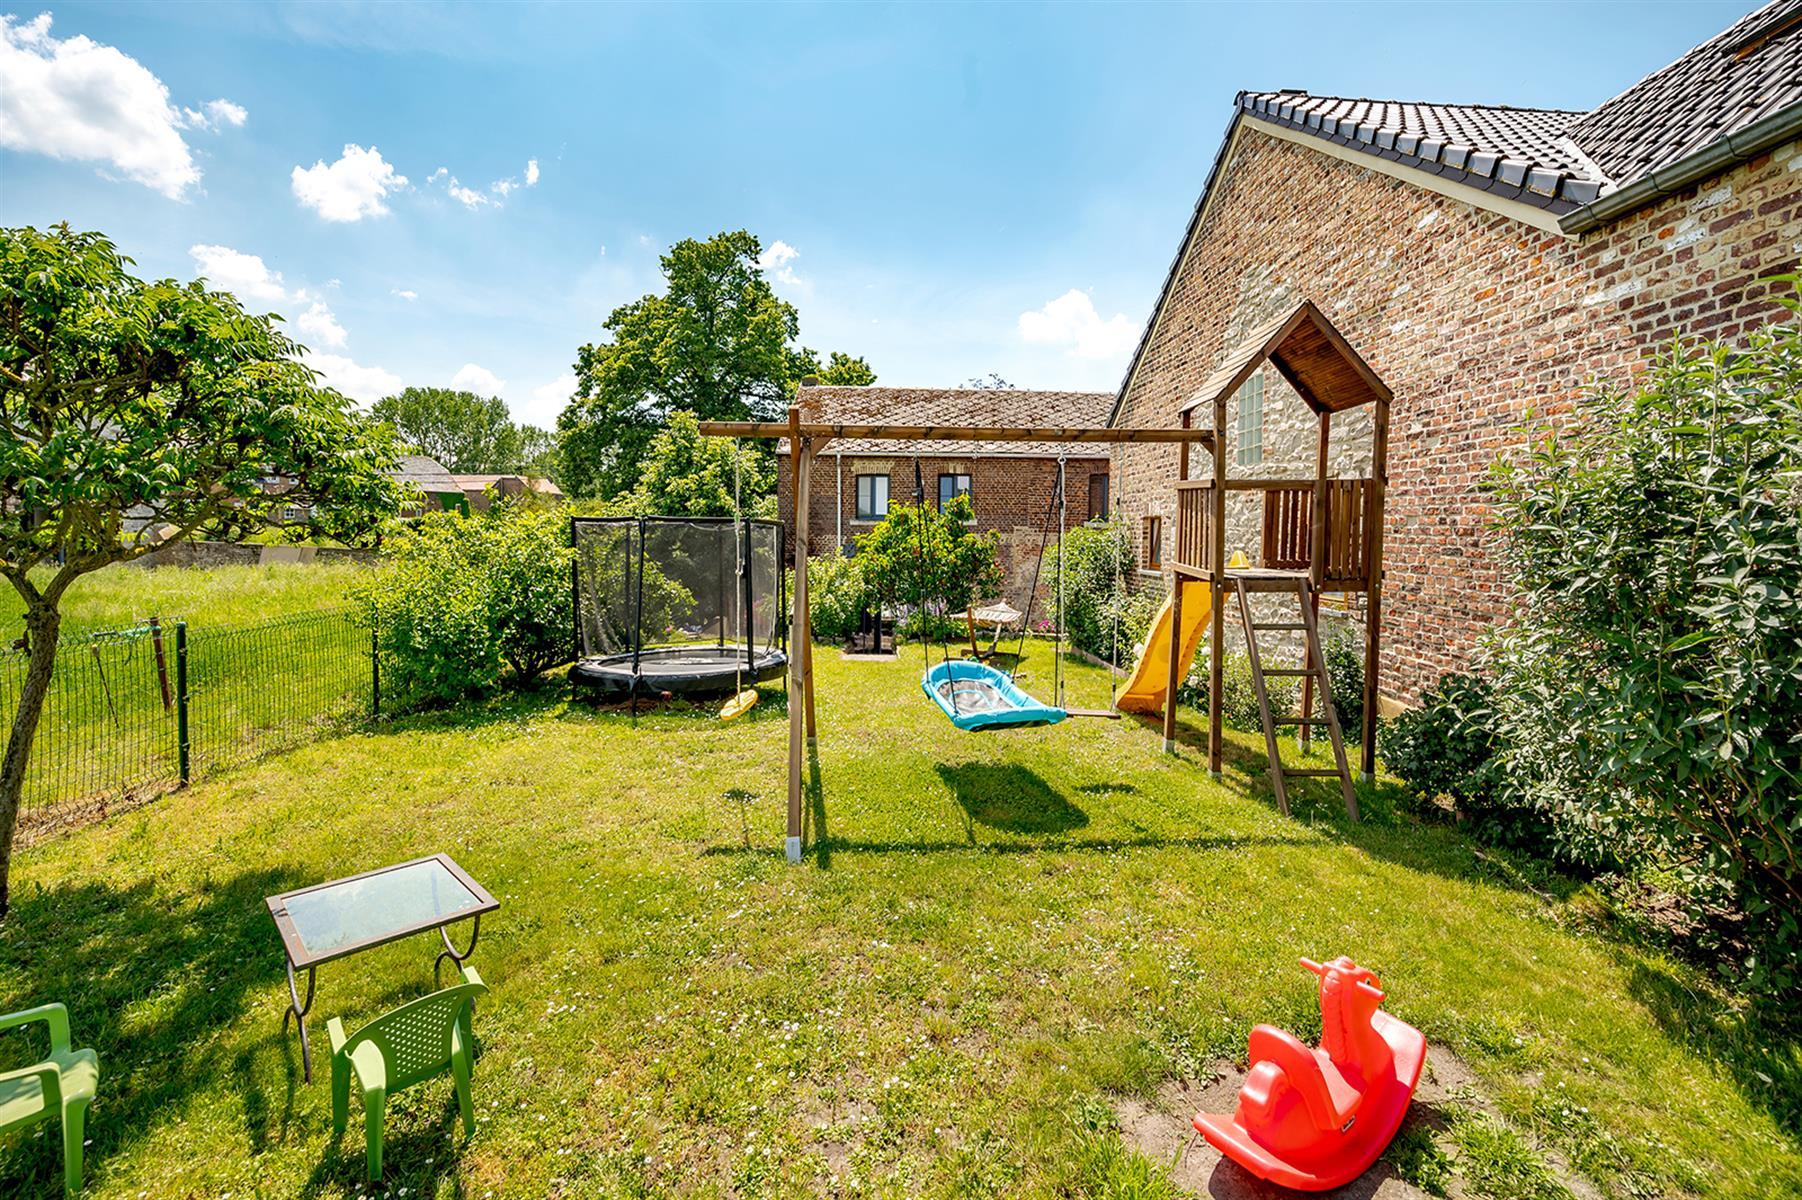 Maison - Villersle-Bouillet Warnant-Dreye - #4392377-25